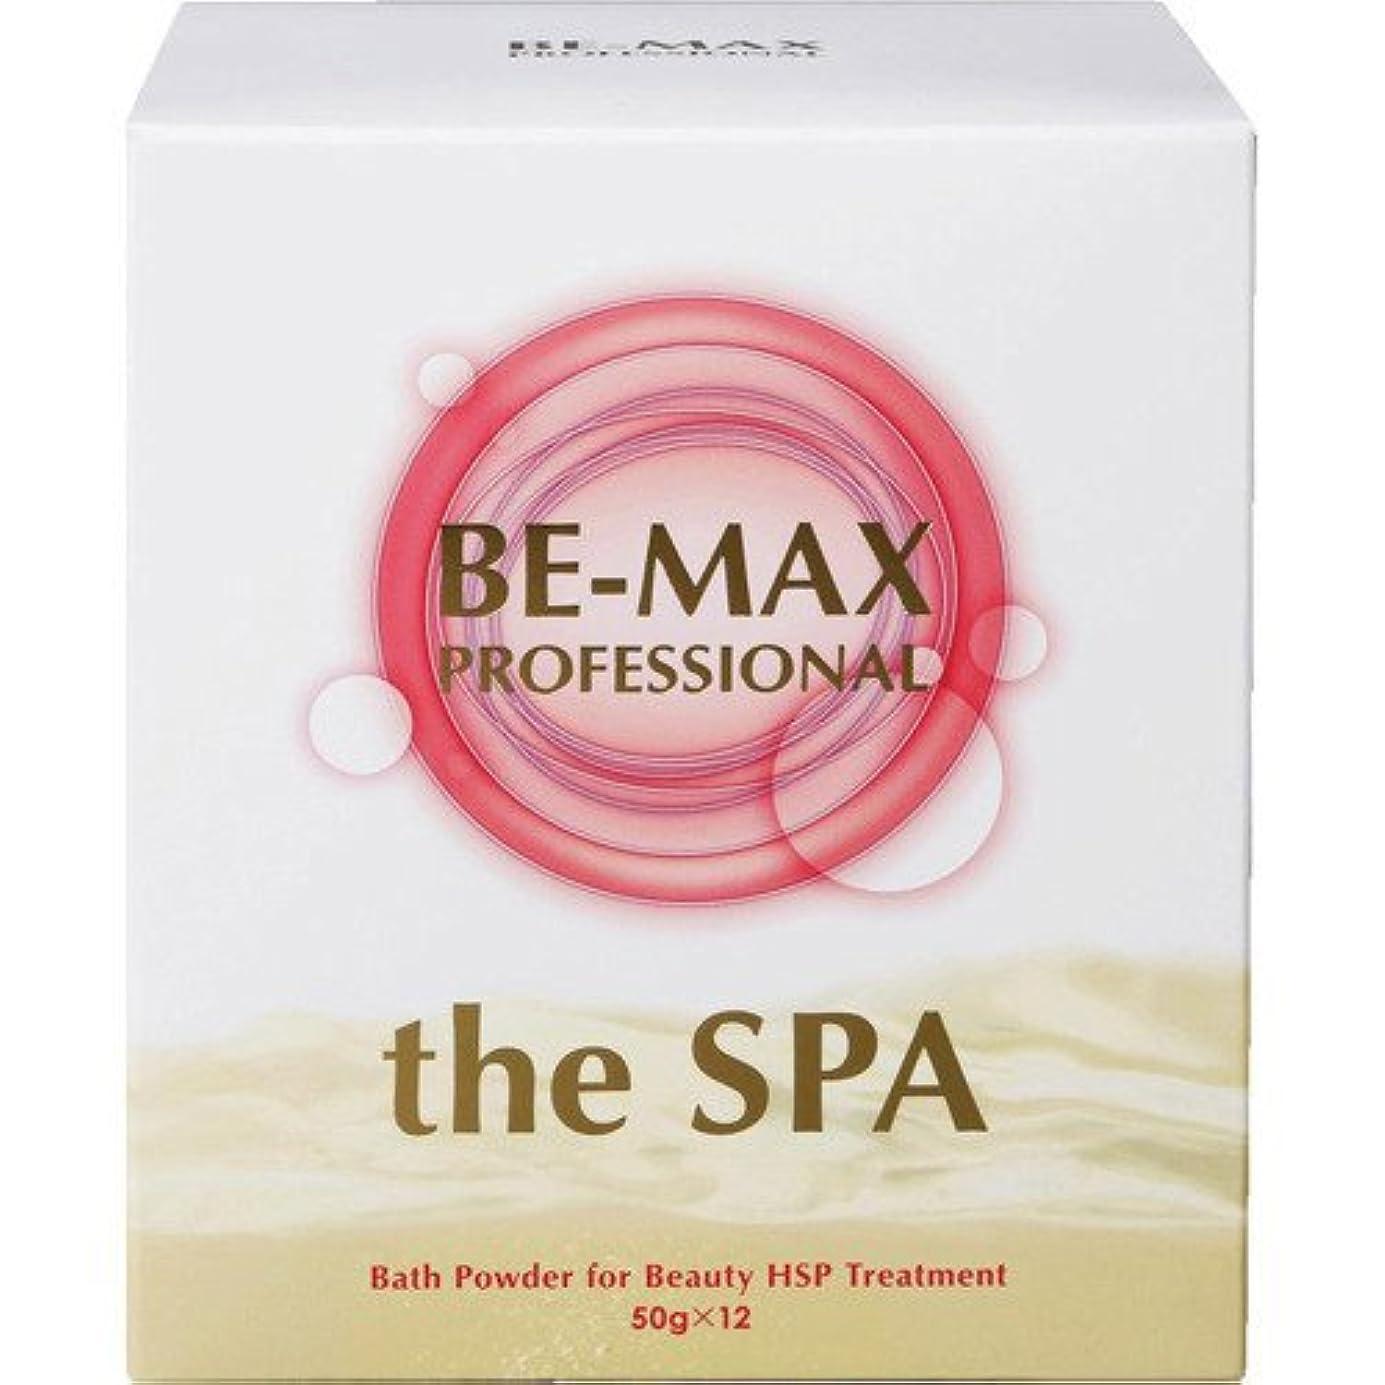 親指海軍ディンカルビルBE-MAX PROFESSIONAL the SPA(ザ?スパ) ビーマックスプロフェッショナル ザ?スパ バスパウダー 50gx12包 (4571132621587)